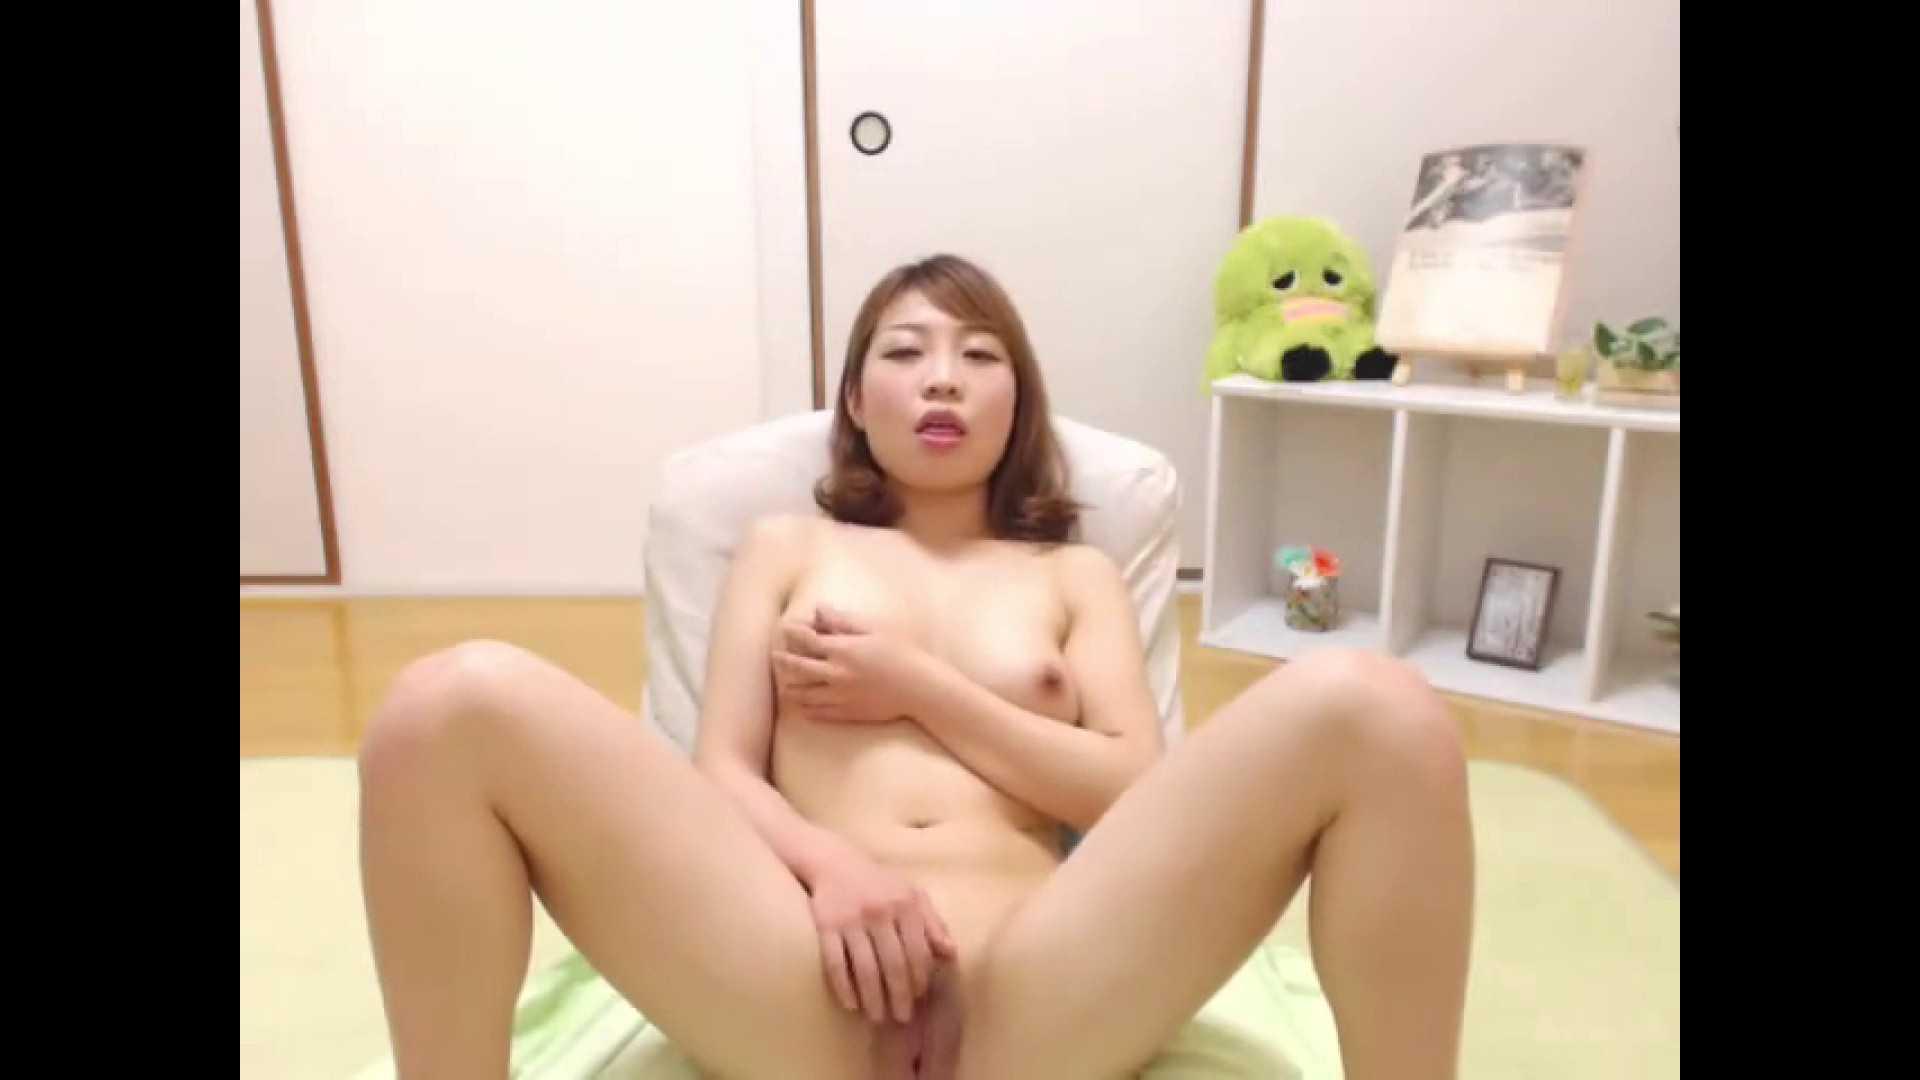 チャットでライブオナニーVol.11 OL裸体 | フェチ  100画像 39